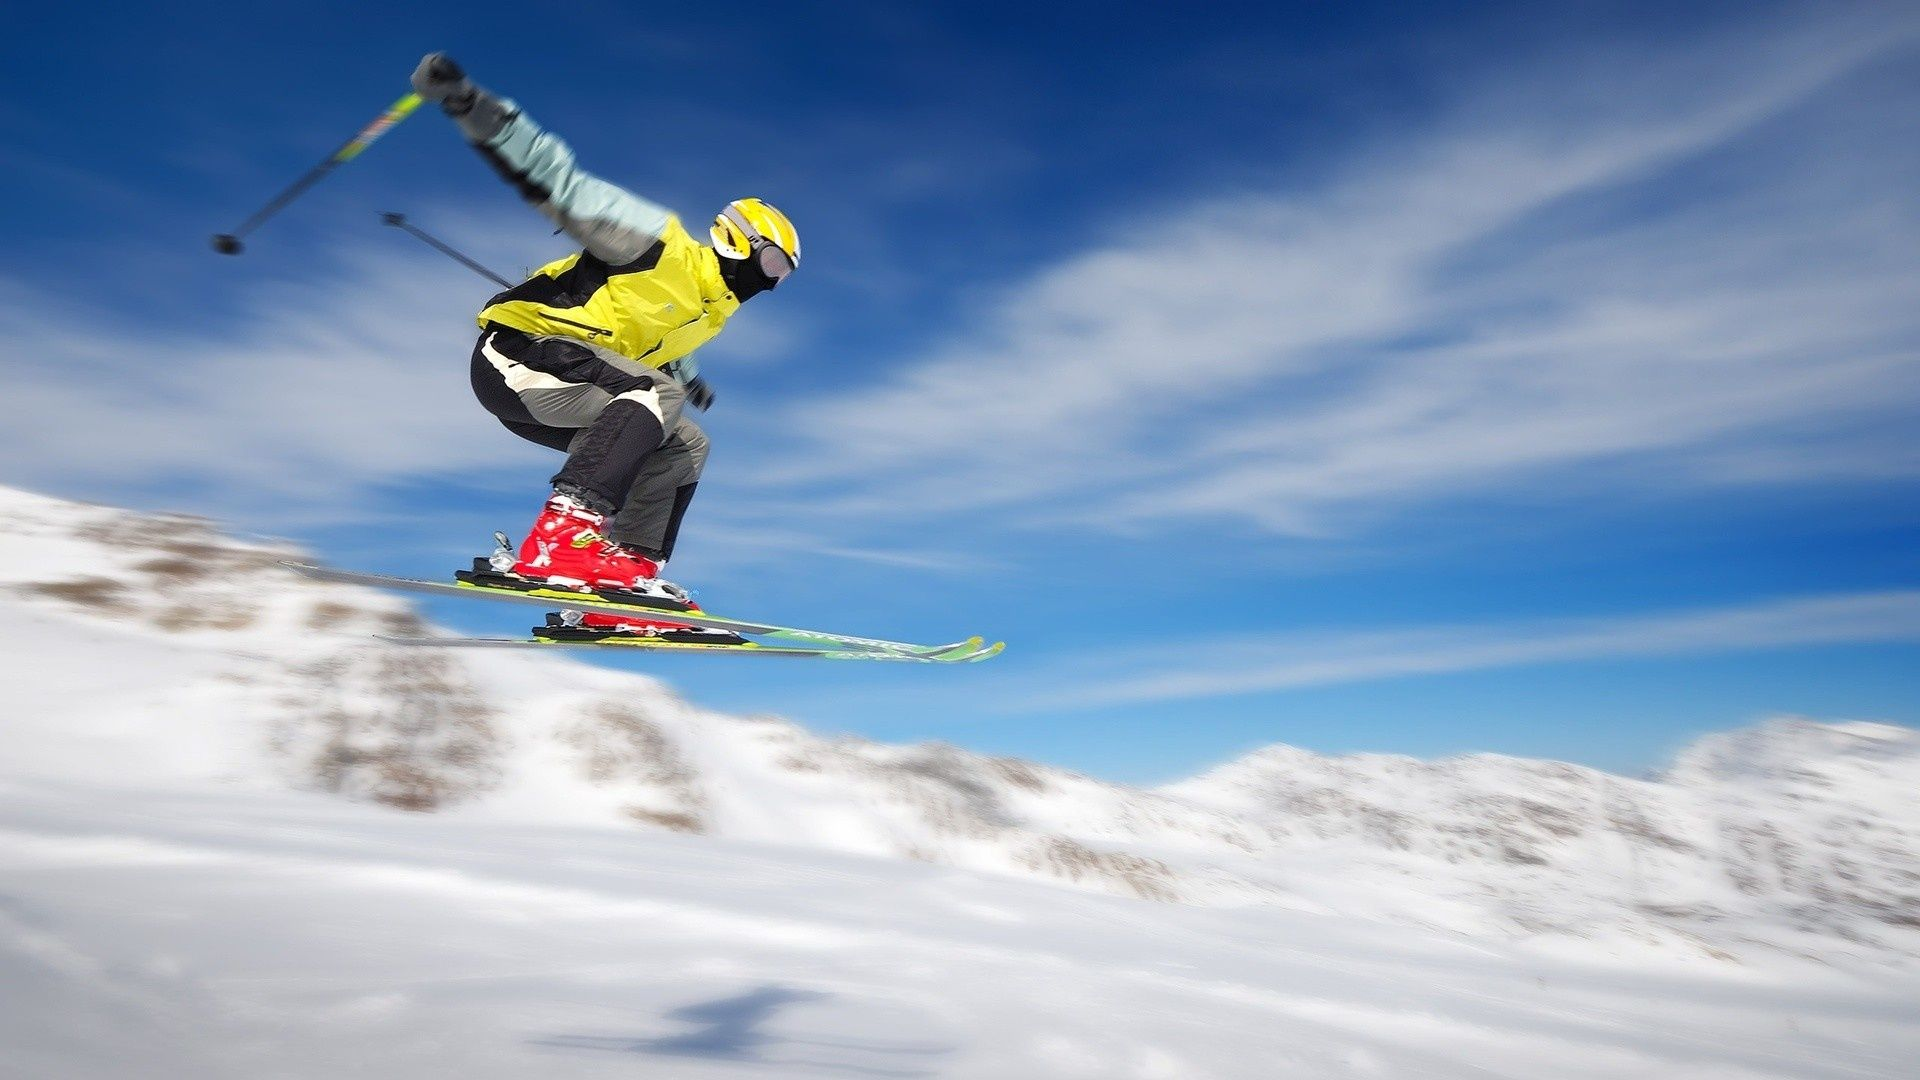 горные лыжи, советы начинающим, повязка на голову